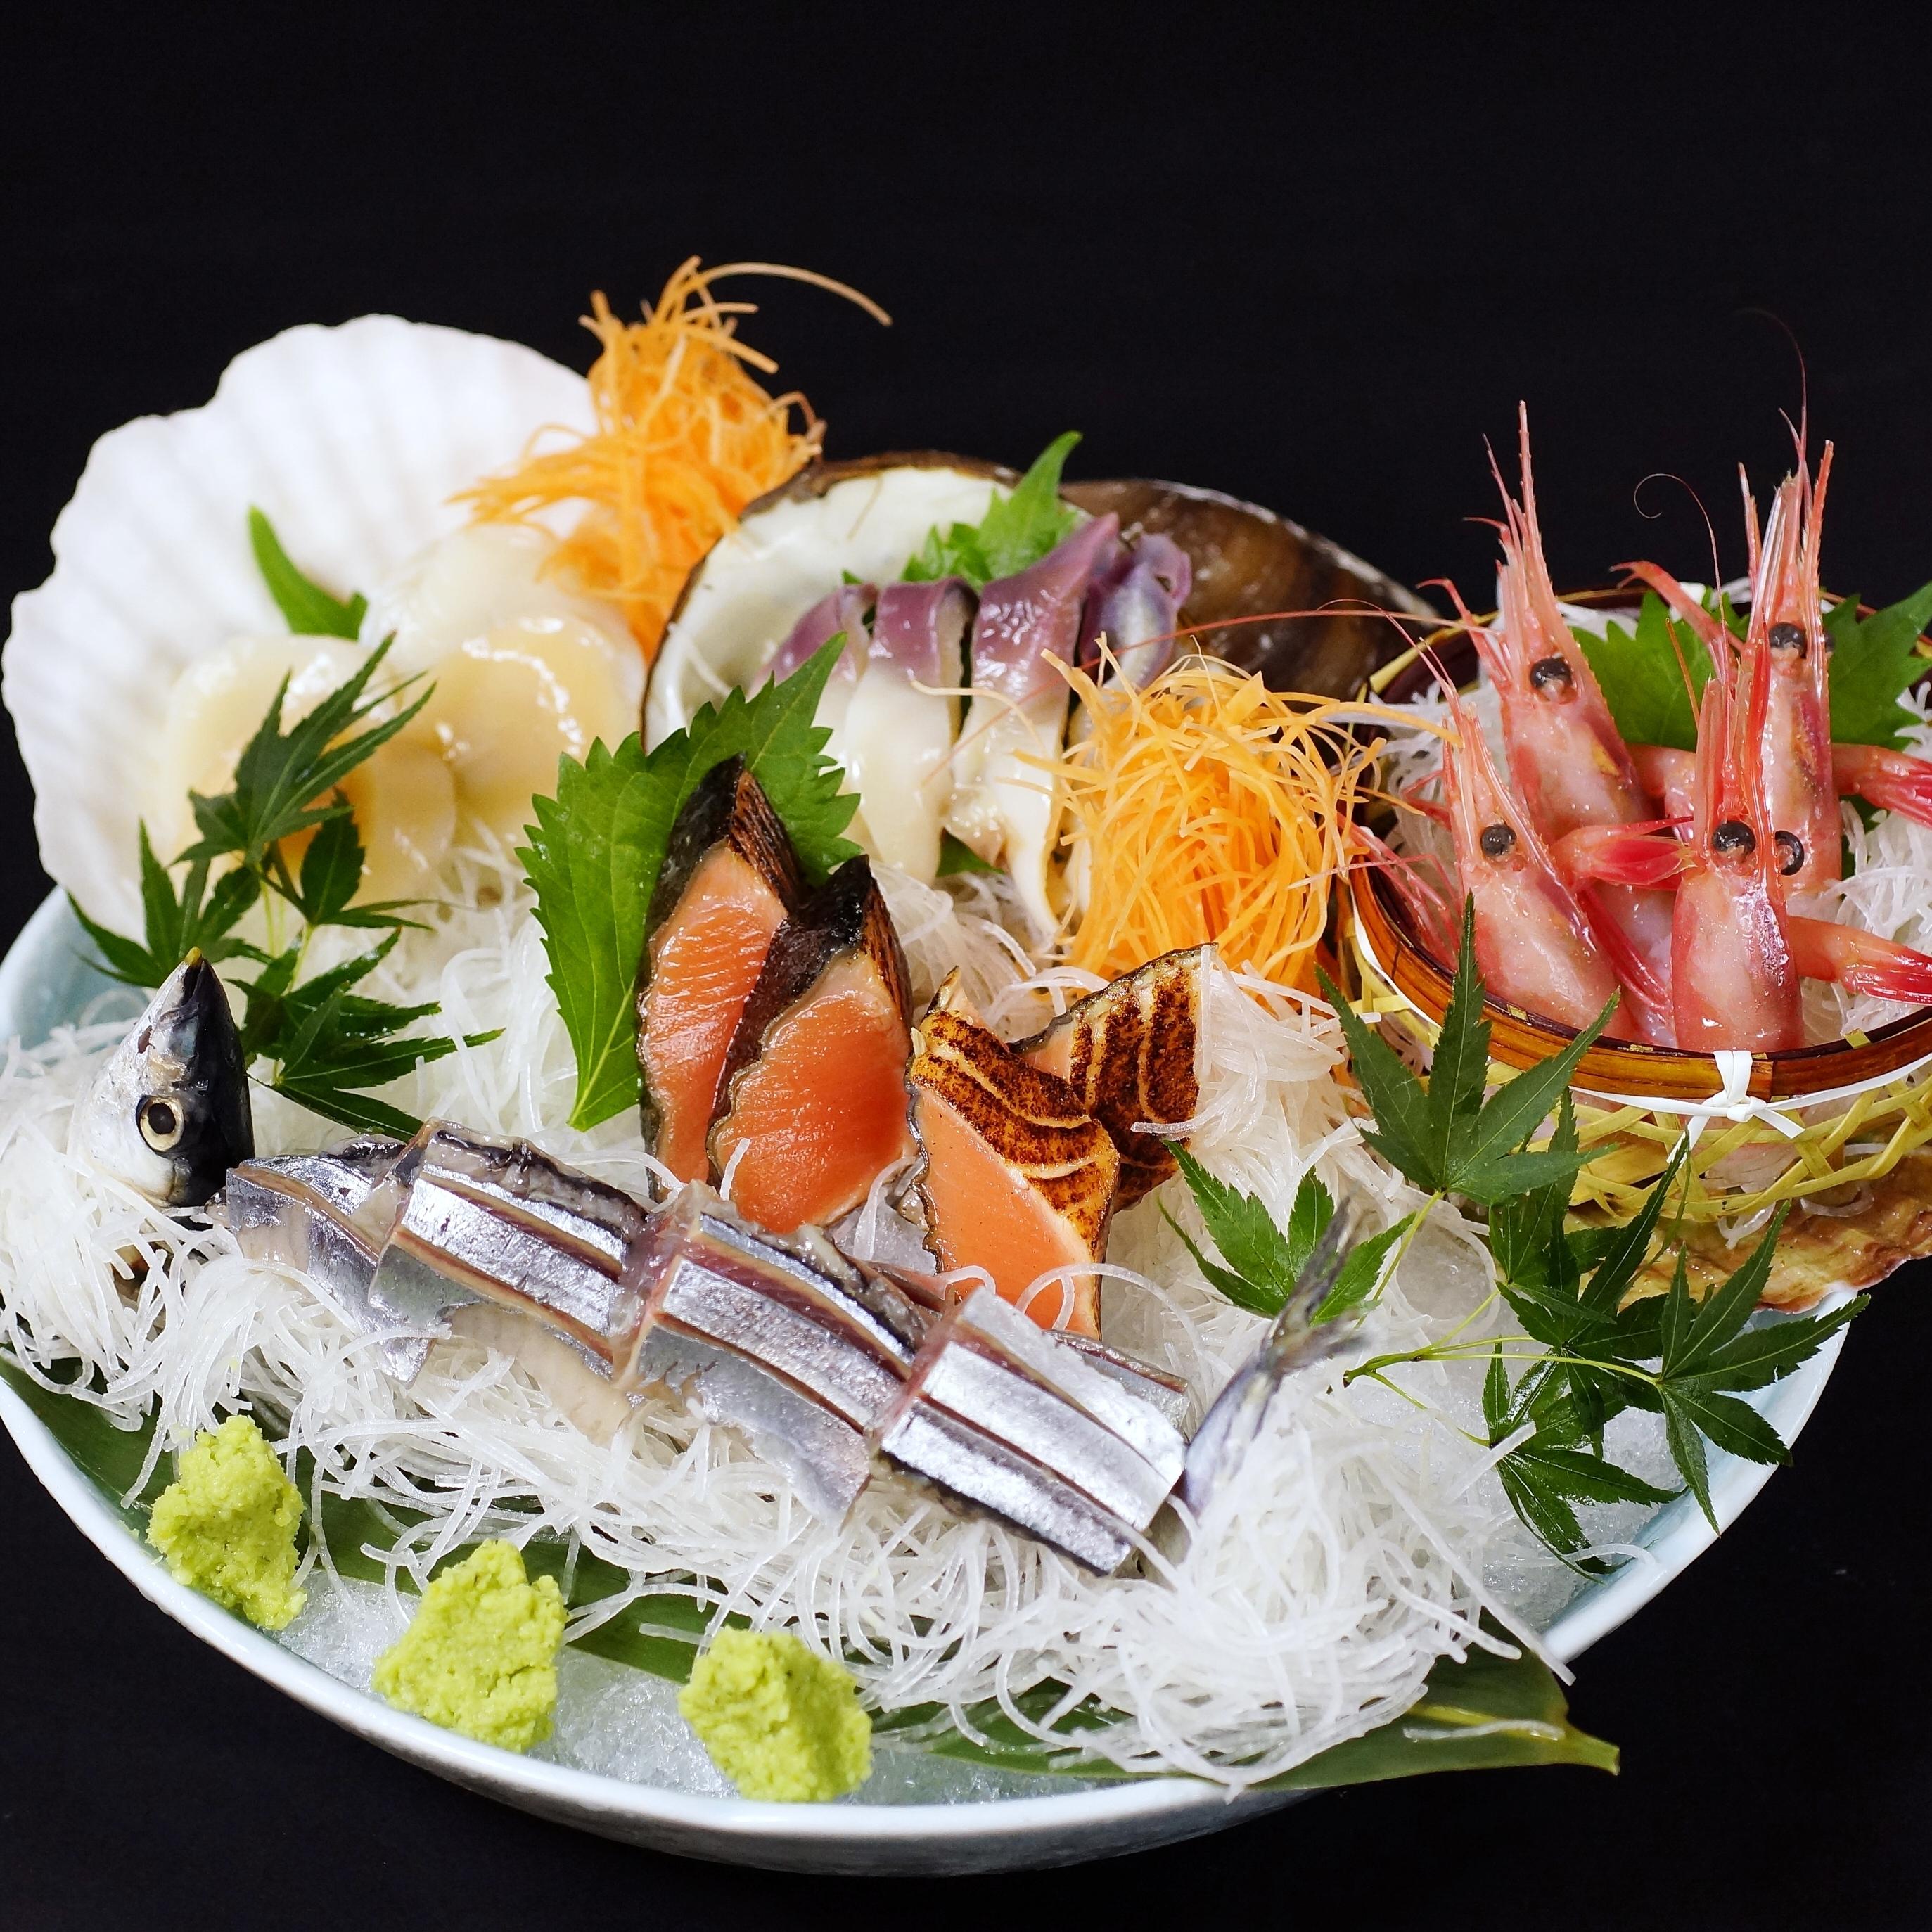 北海ごちそう満喫刺し盛り(根室のとろ秋刀魚姿造り、活北寄貝、甘海老、帆立貝、鮭炙り)